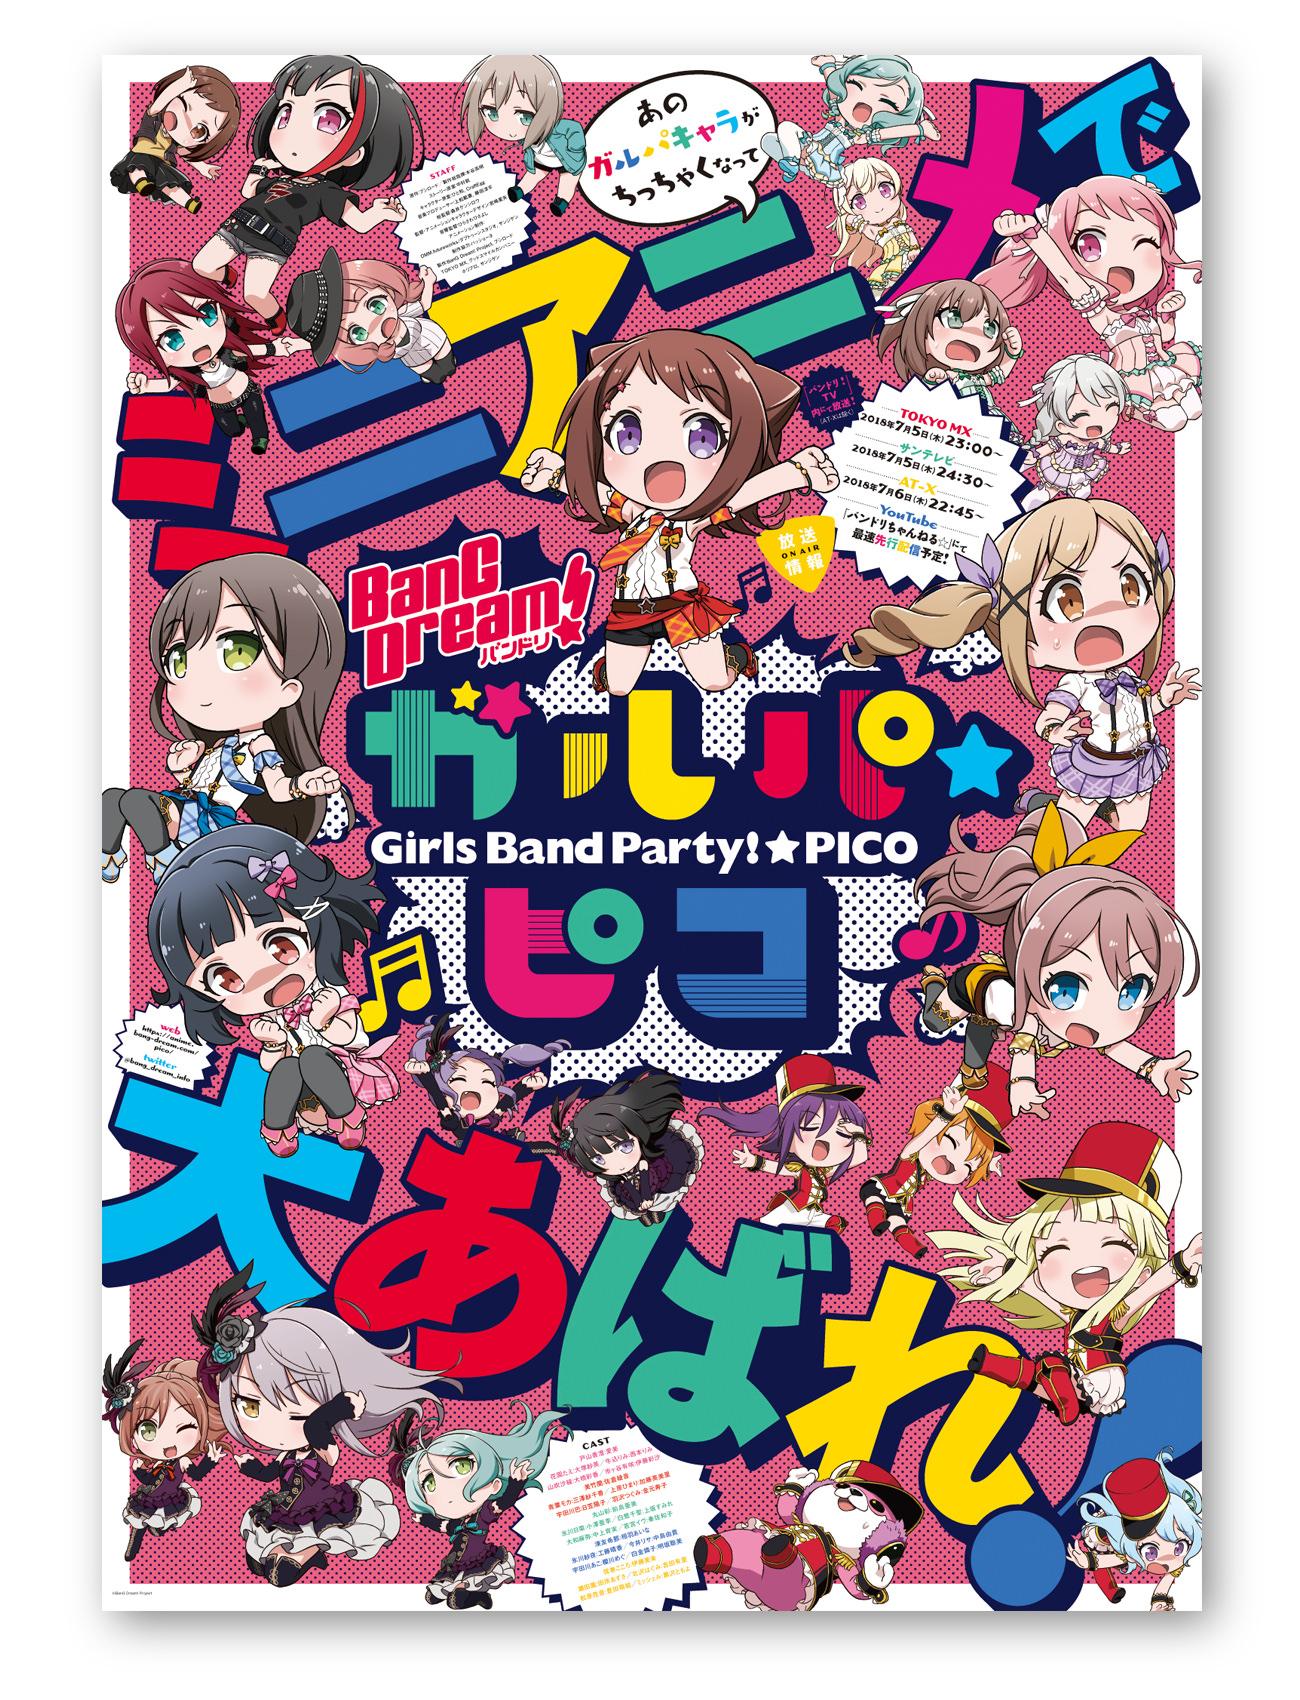 BanG Dream! ガルパ☆ピコ | ポスター